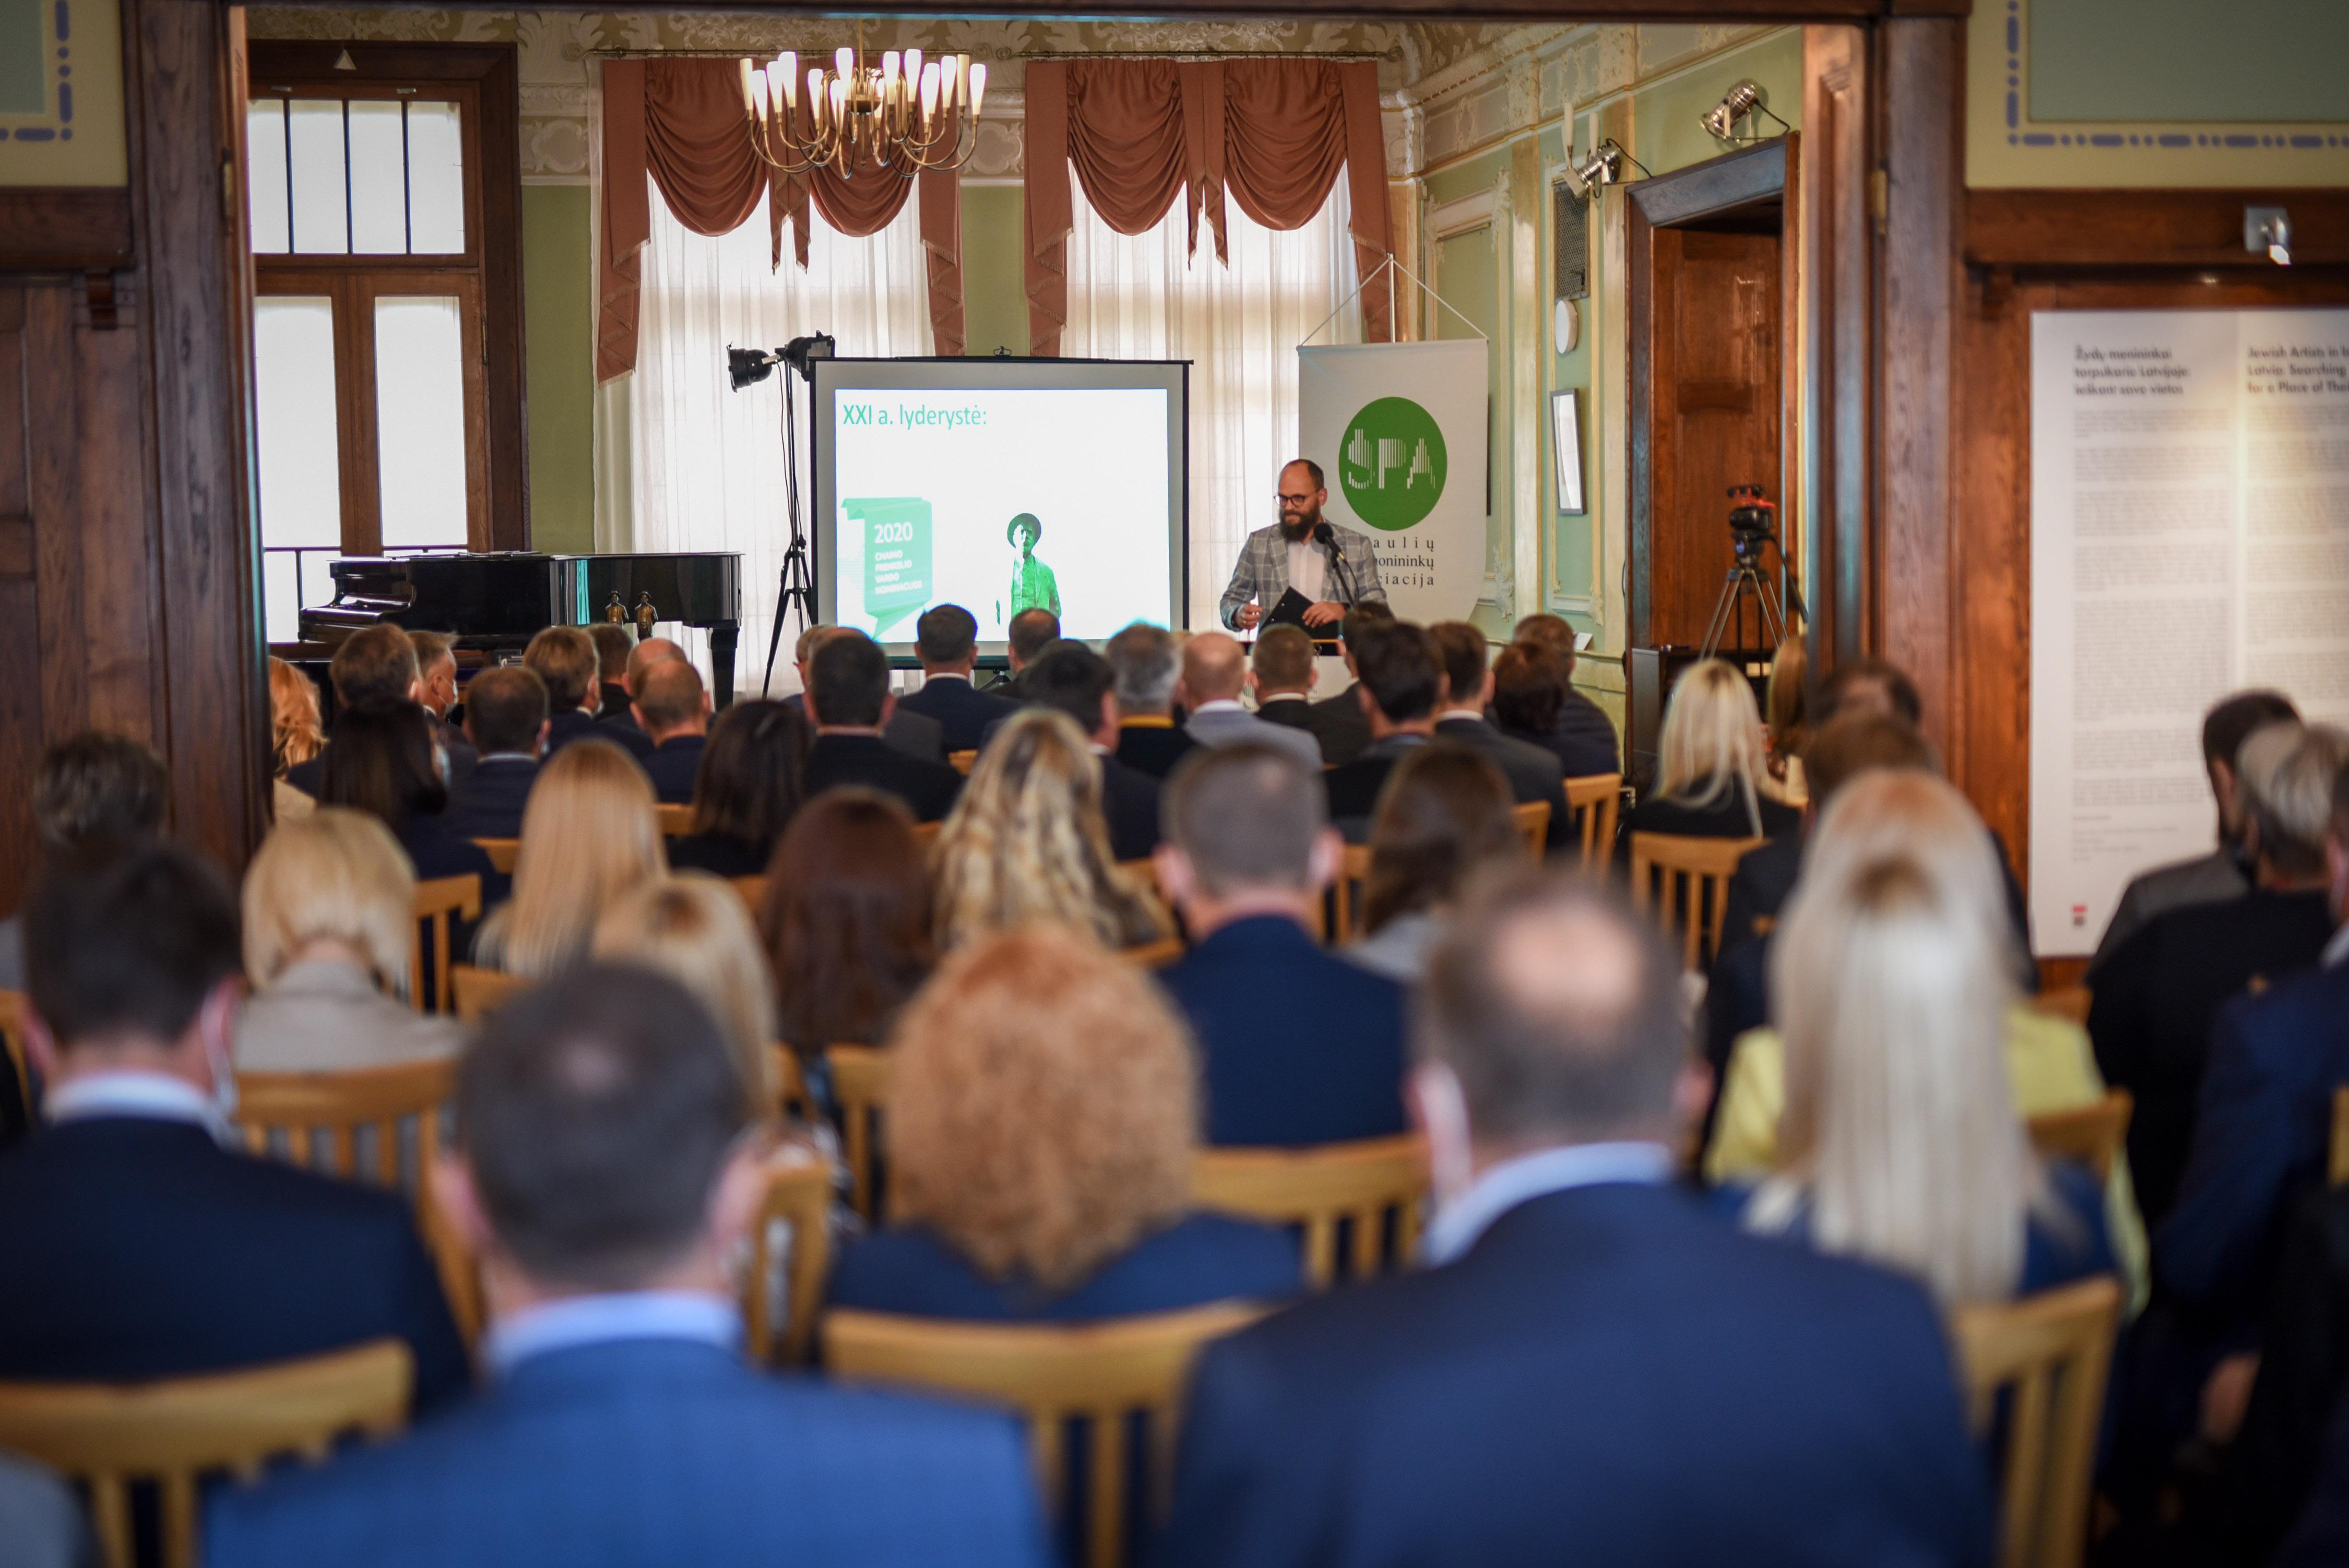 """Ch. Frenkelio konferencijos """"XXI a. Lyderystė: kokie iššūkiai 2020-aisiais ir po jų"""" metu buvo apdovanoti nusipelnę pramonei asmenys"""